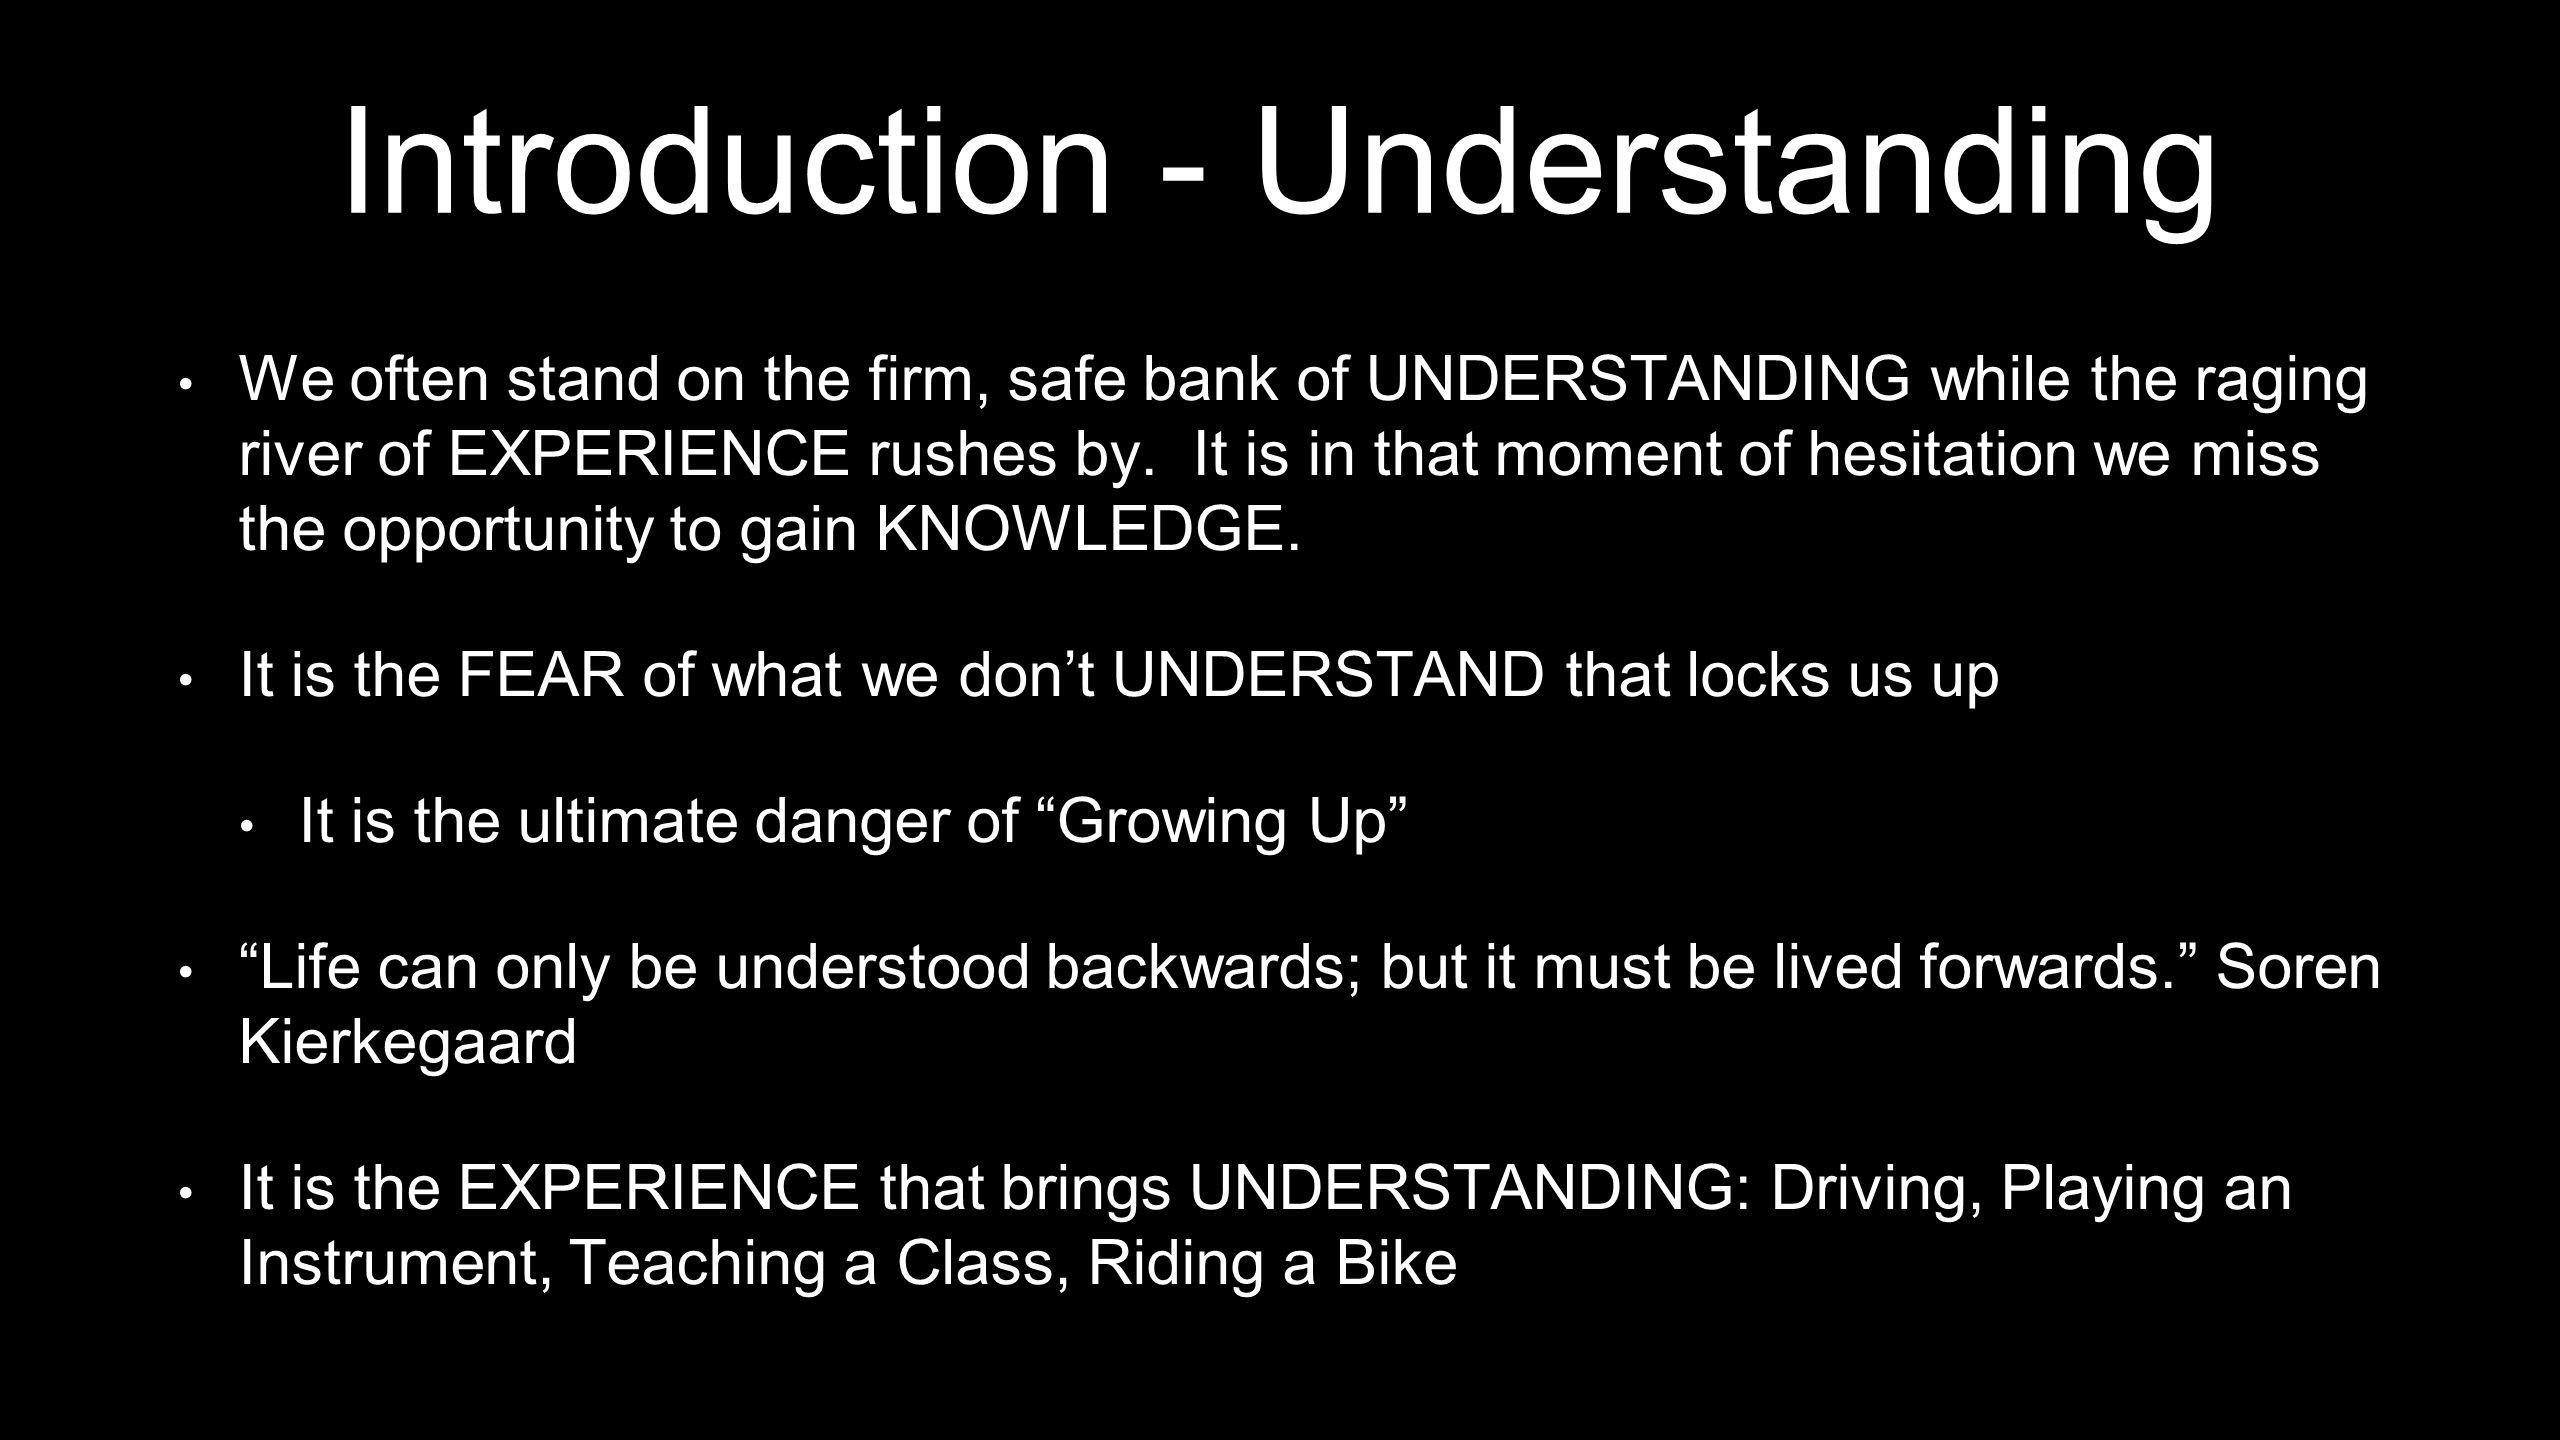 Introduction - Understanding